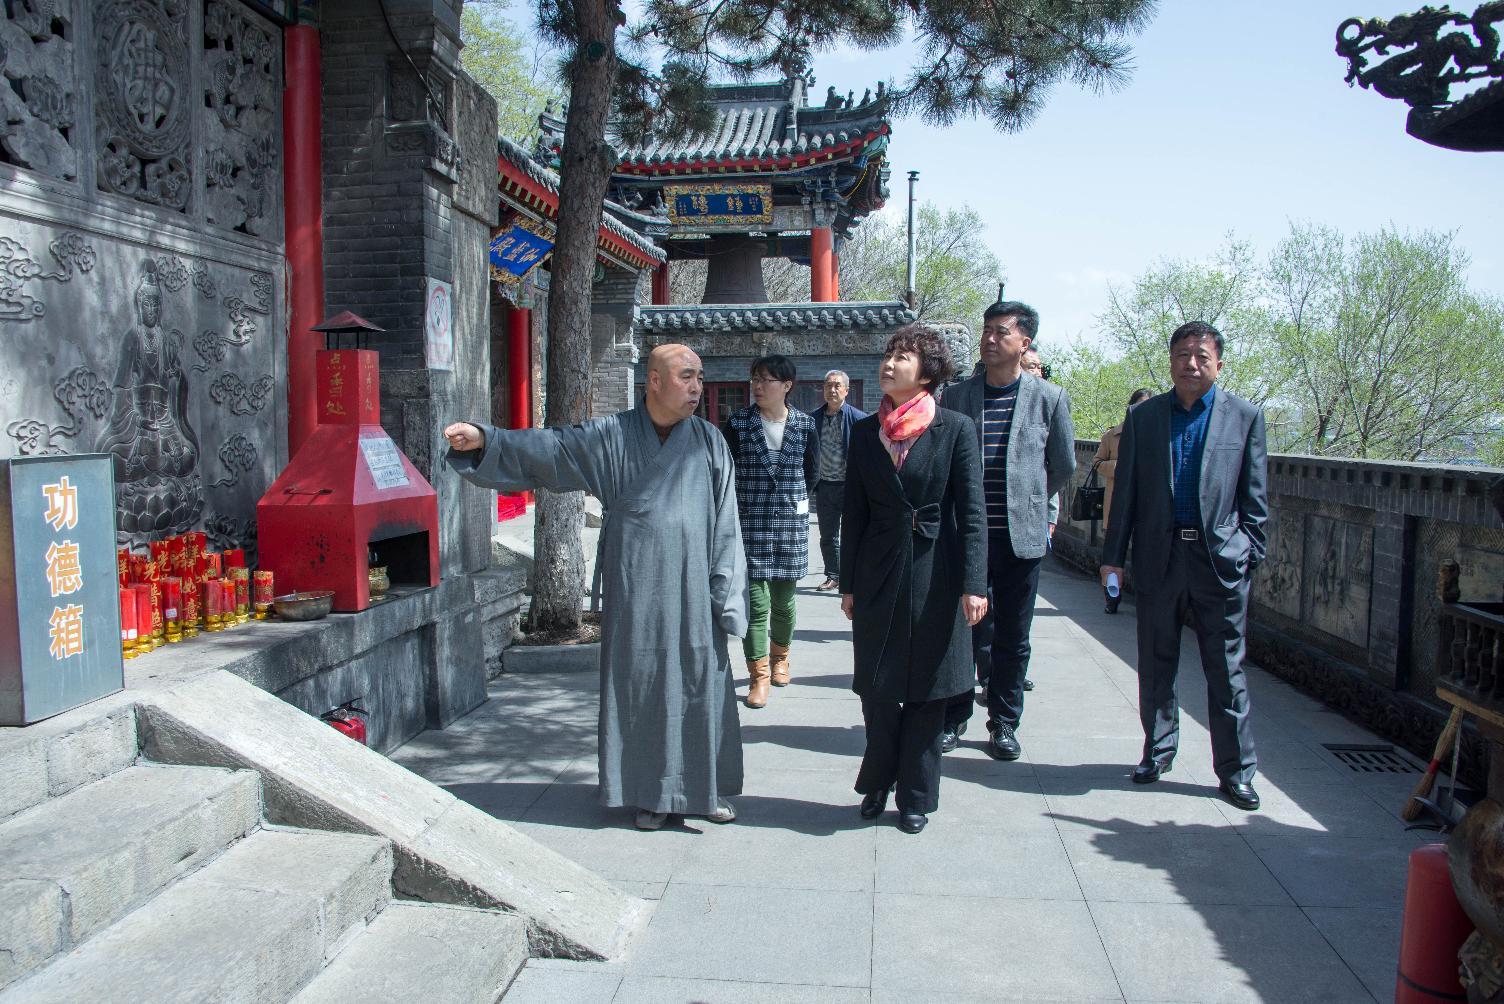 抚顺市宗教局周旭颖局长调研宗教团体和宗教场所